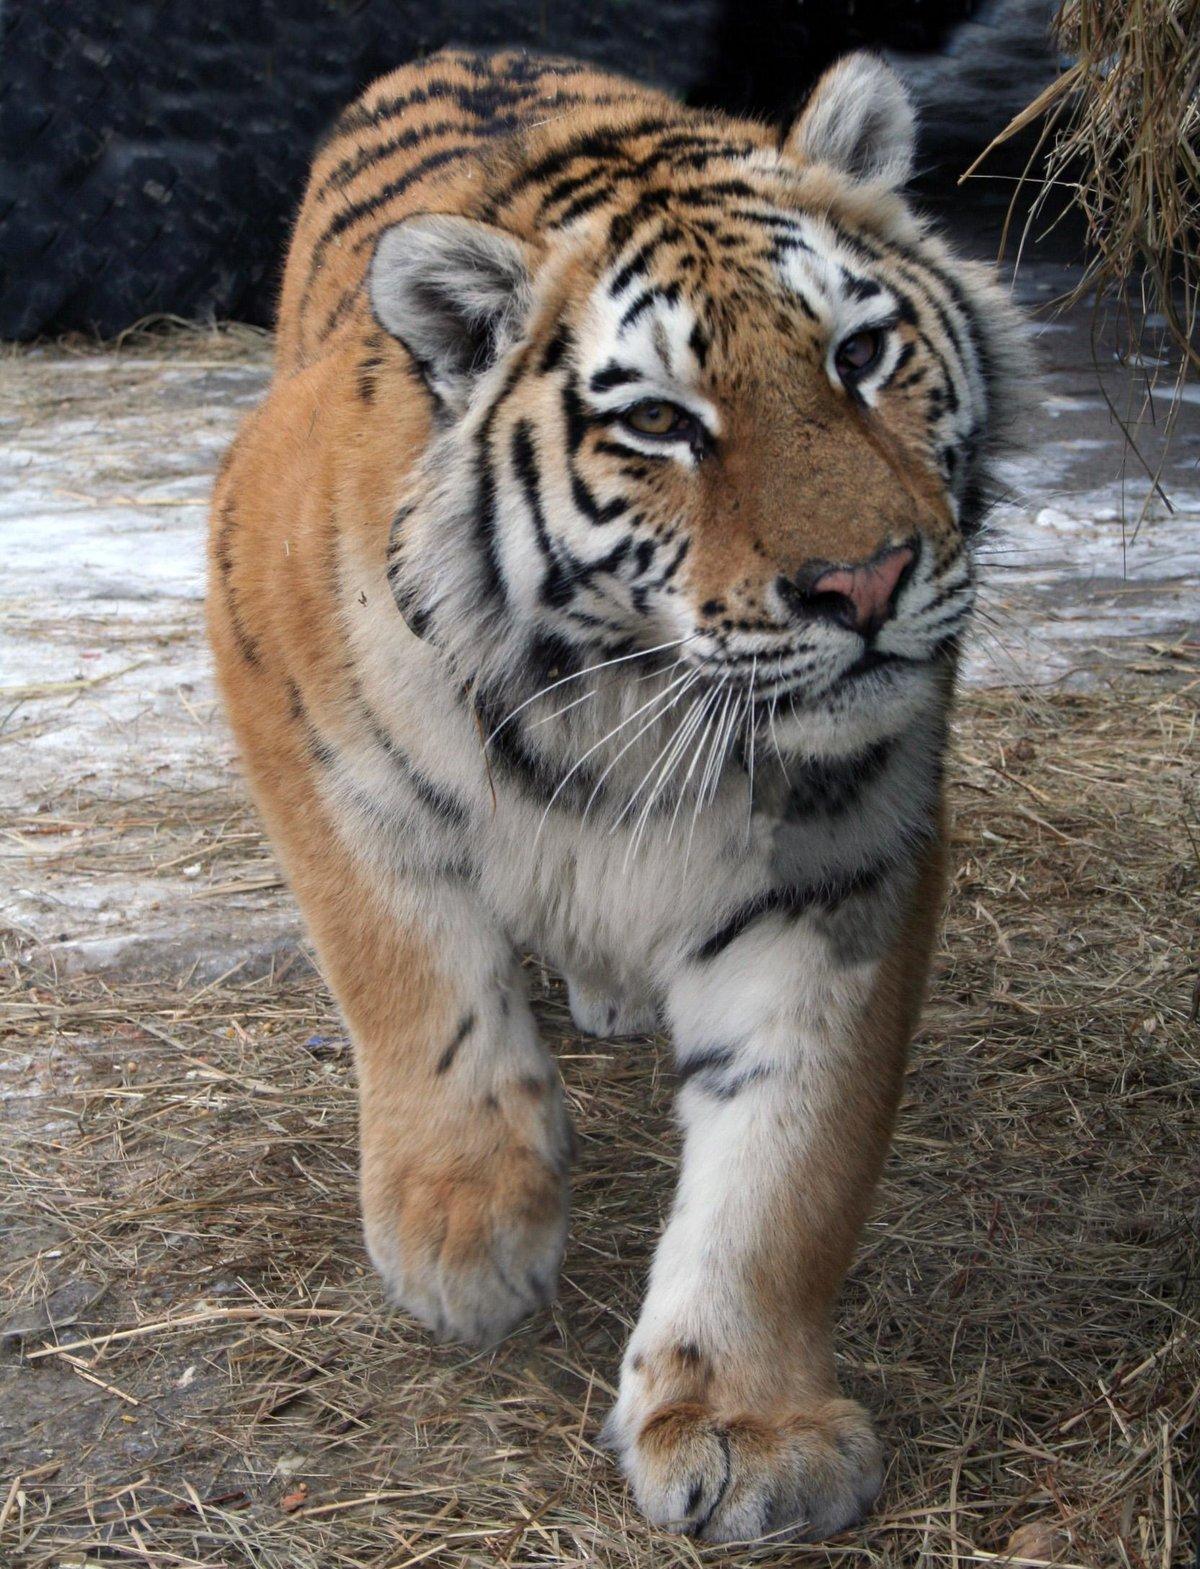 Уссурийский...наш#животные #звери #приморье #природа #тигр #Ñищники